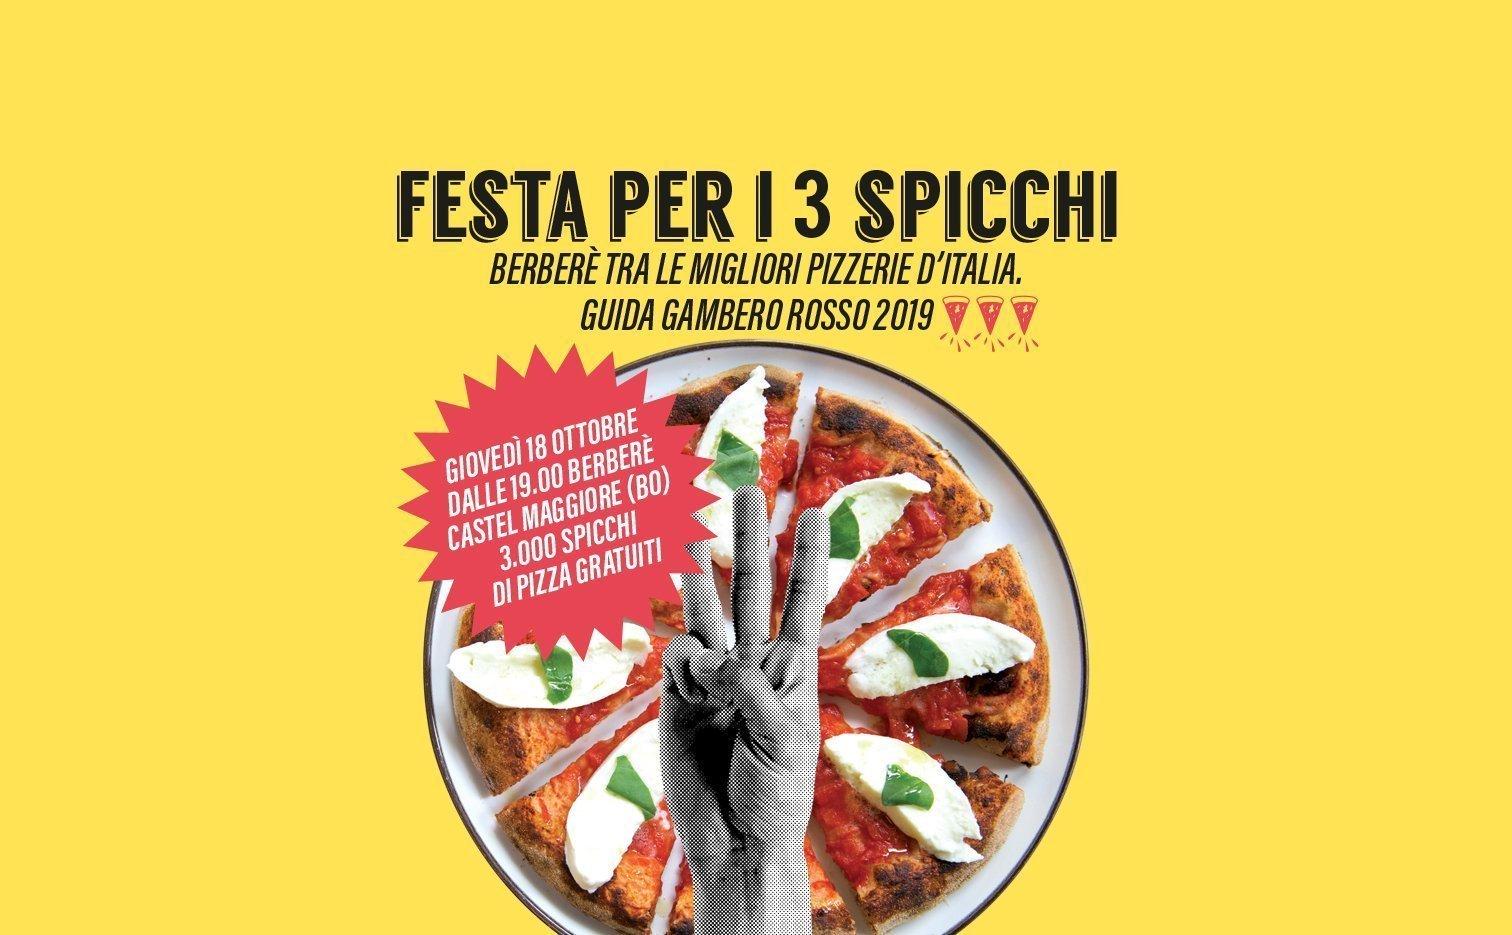 Festa 3 Spicchi - Gambero Rosso - Berberè Castel Maggiore